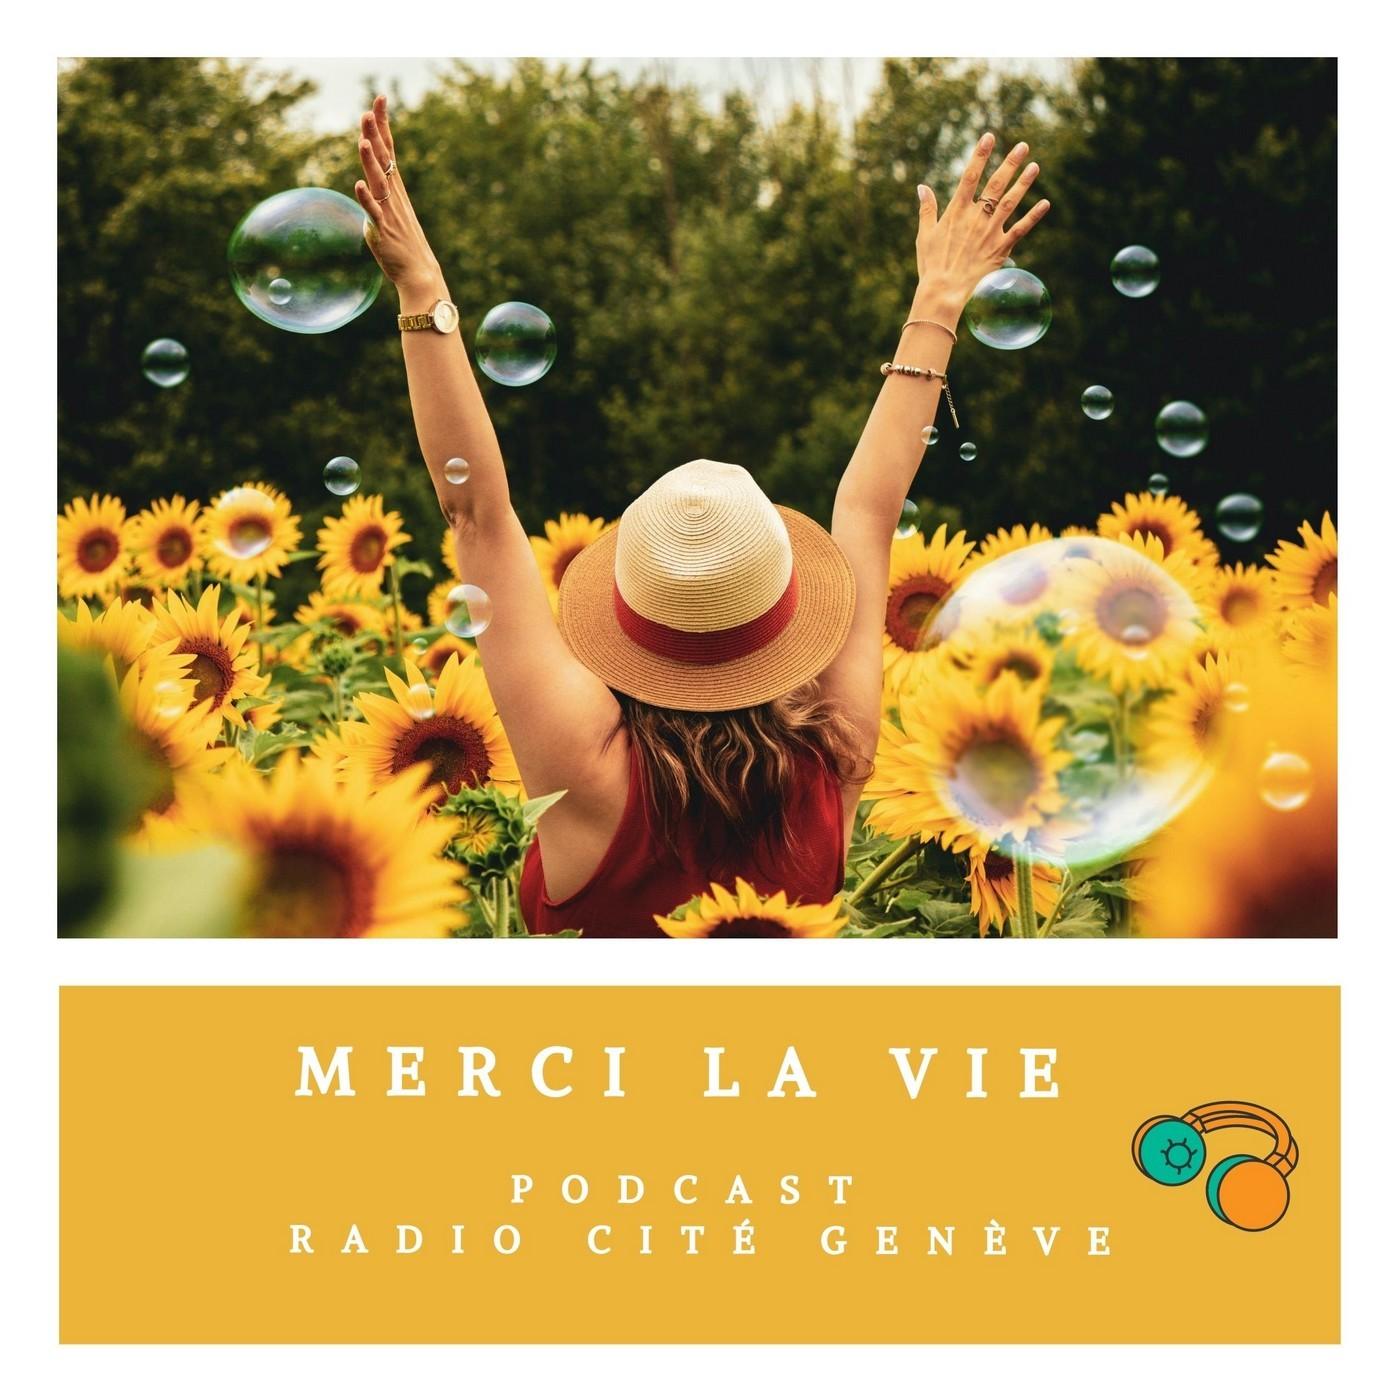 Merci la Vie du 23/02/21 - Déborah Rouault